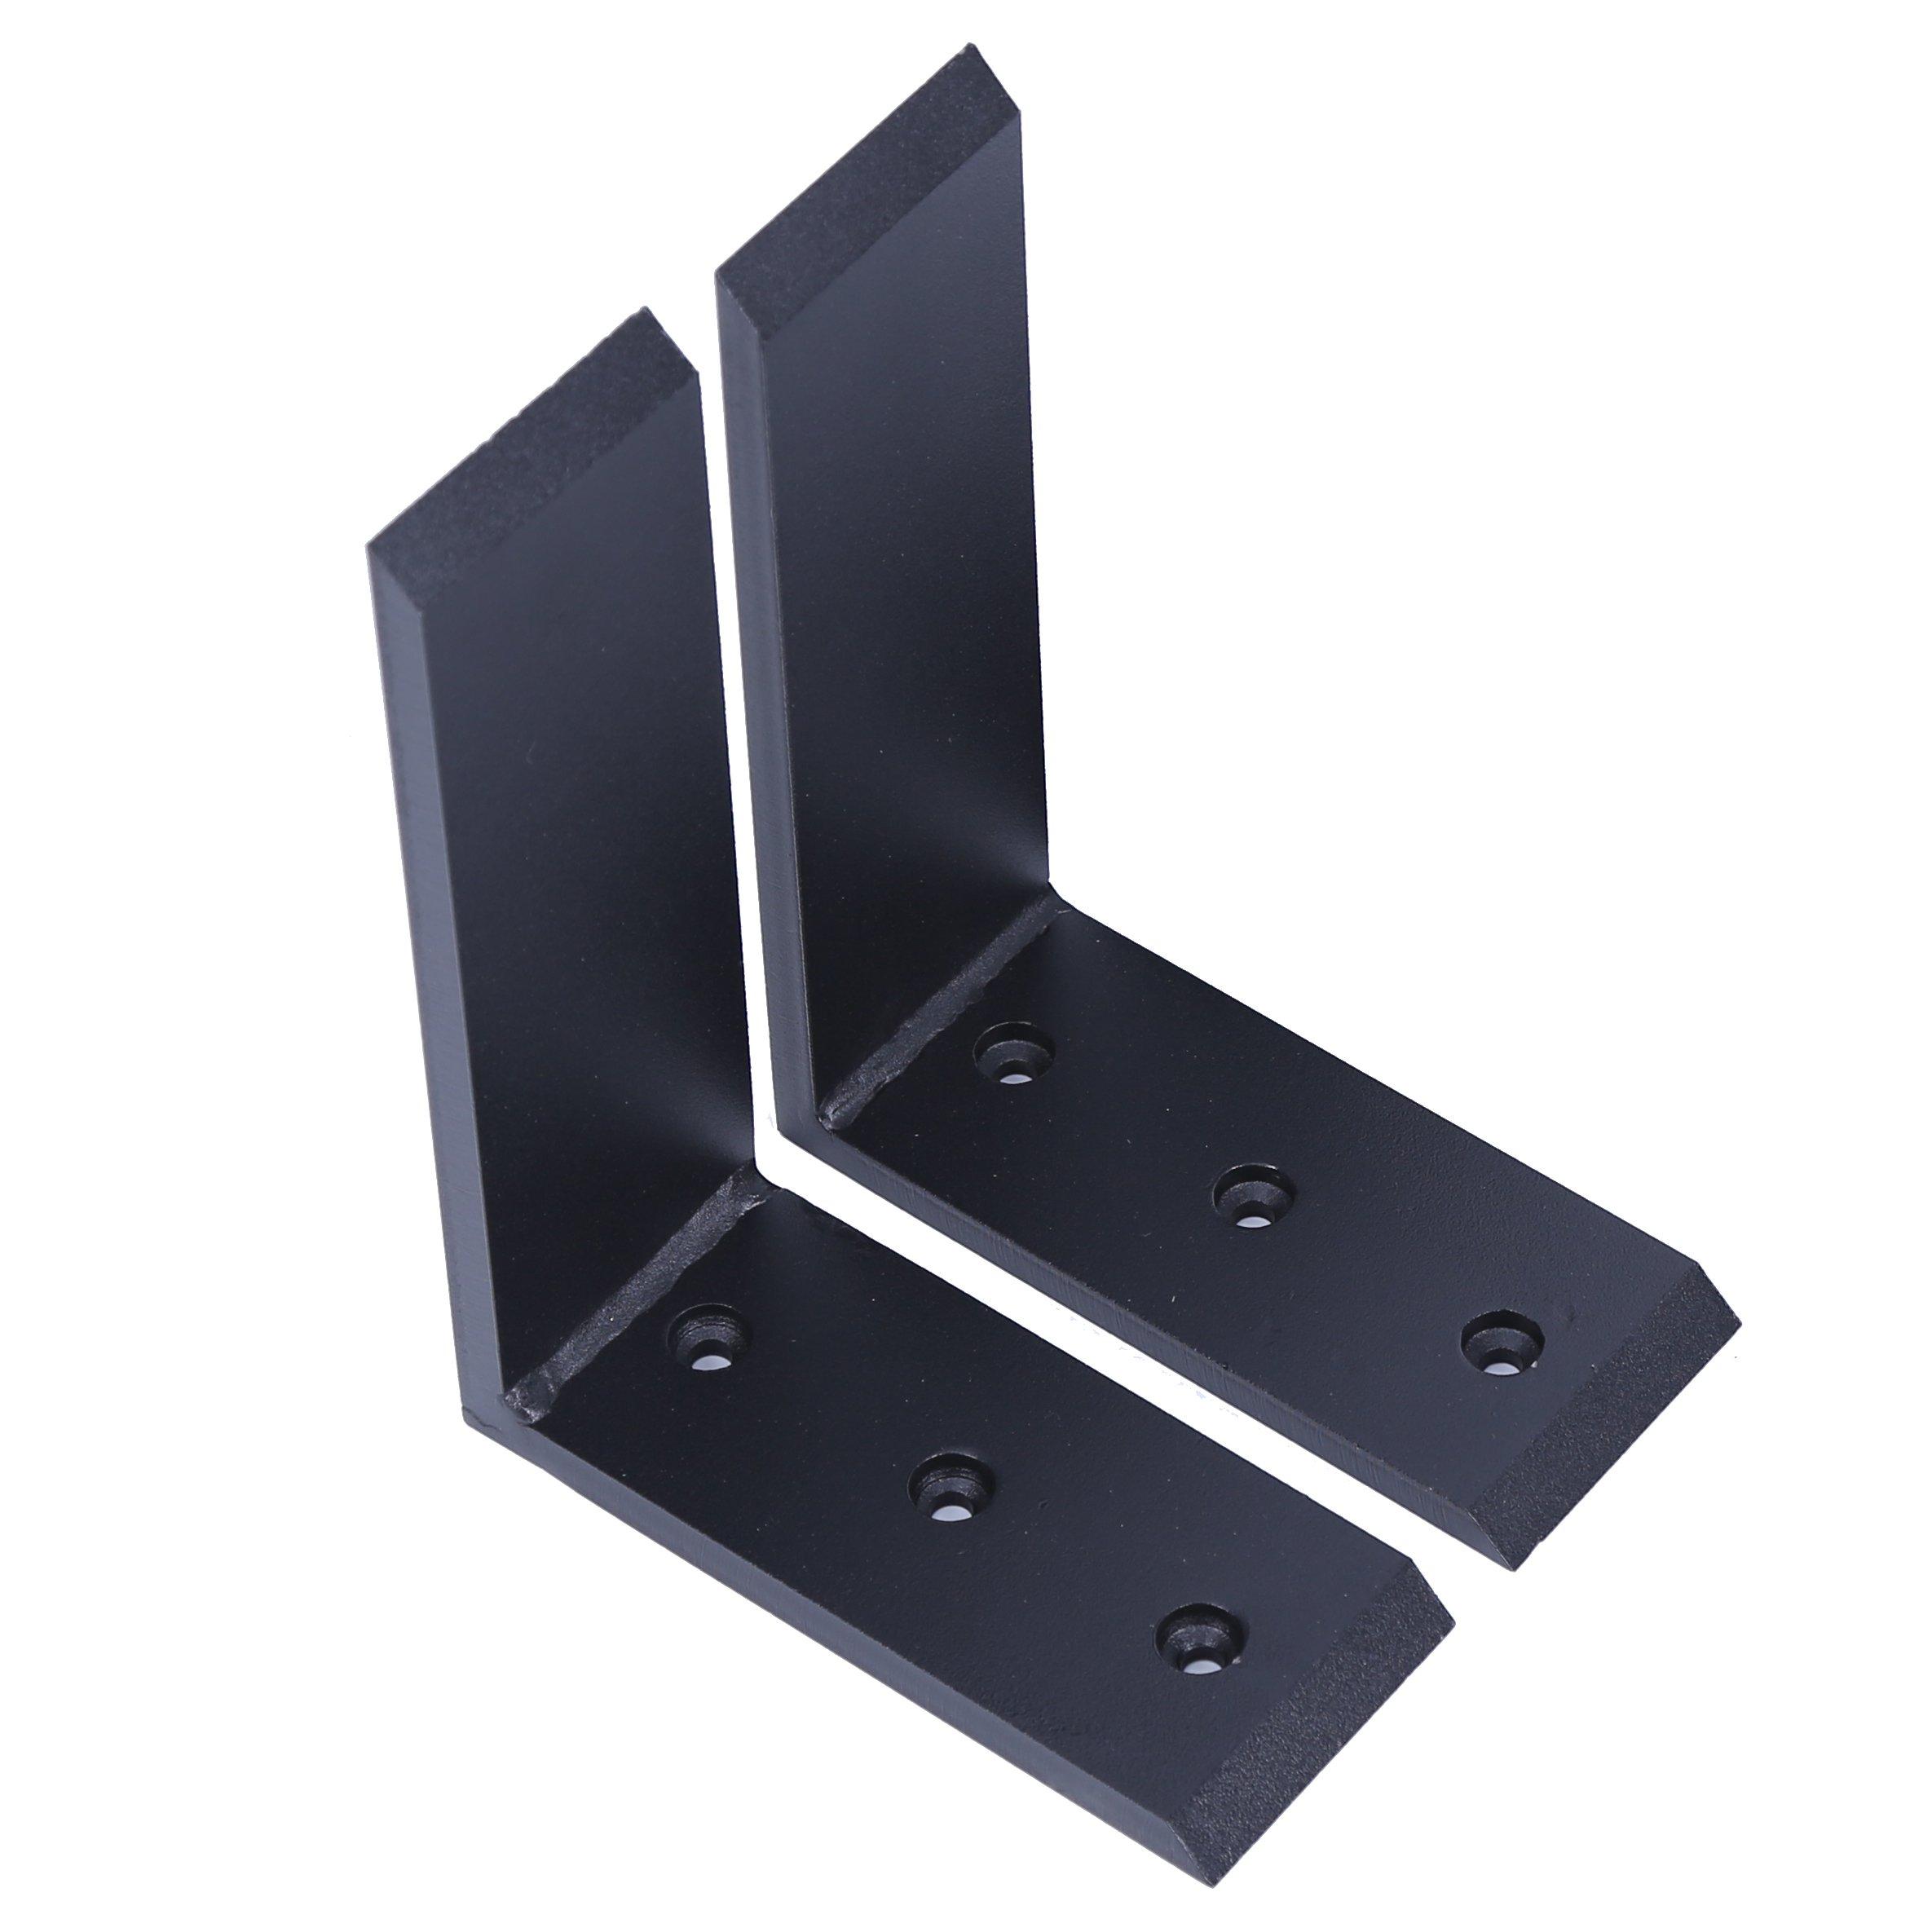 New 2 Heavy Duty Black Steel 6''x8'' Countertop Support Brackets Corbel Lot L Shelf by ECOTRIC